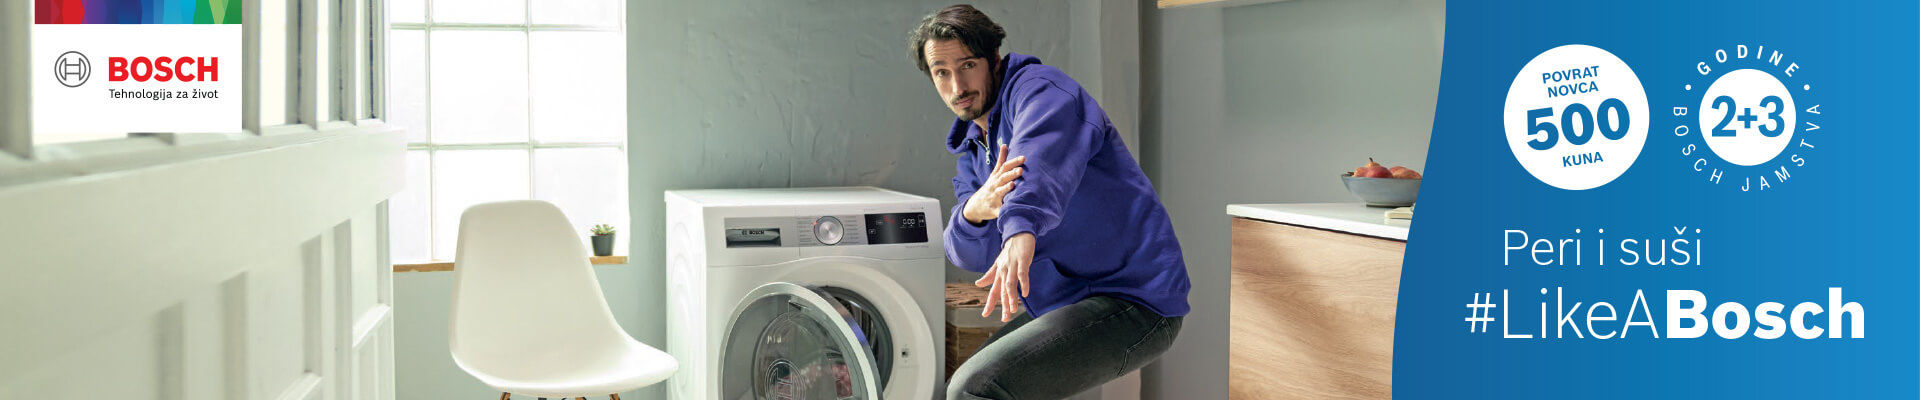 alles-bosch-perilica-rublja-susilica-rublja